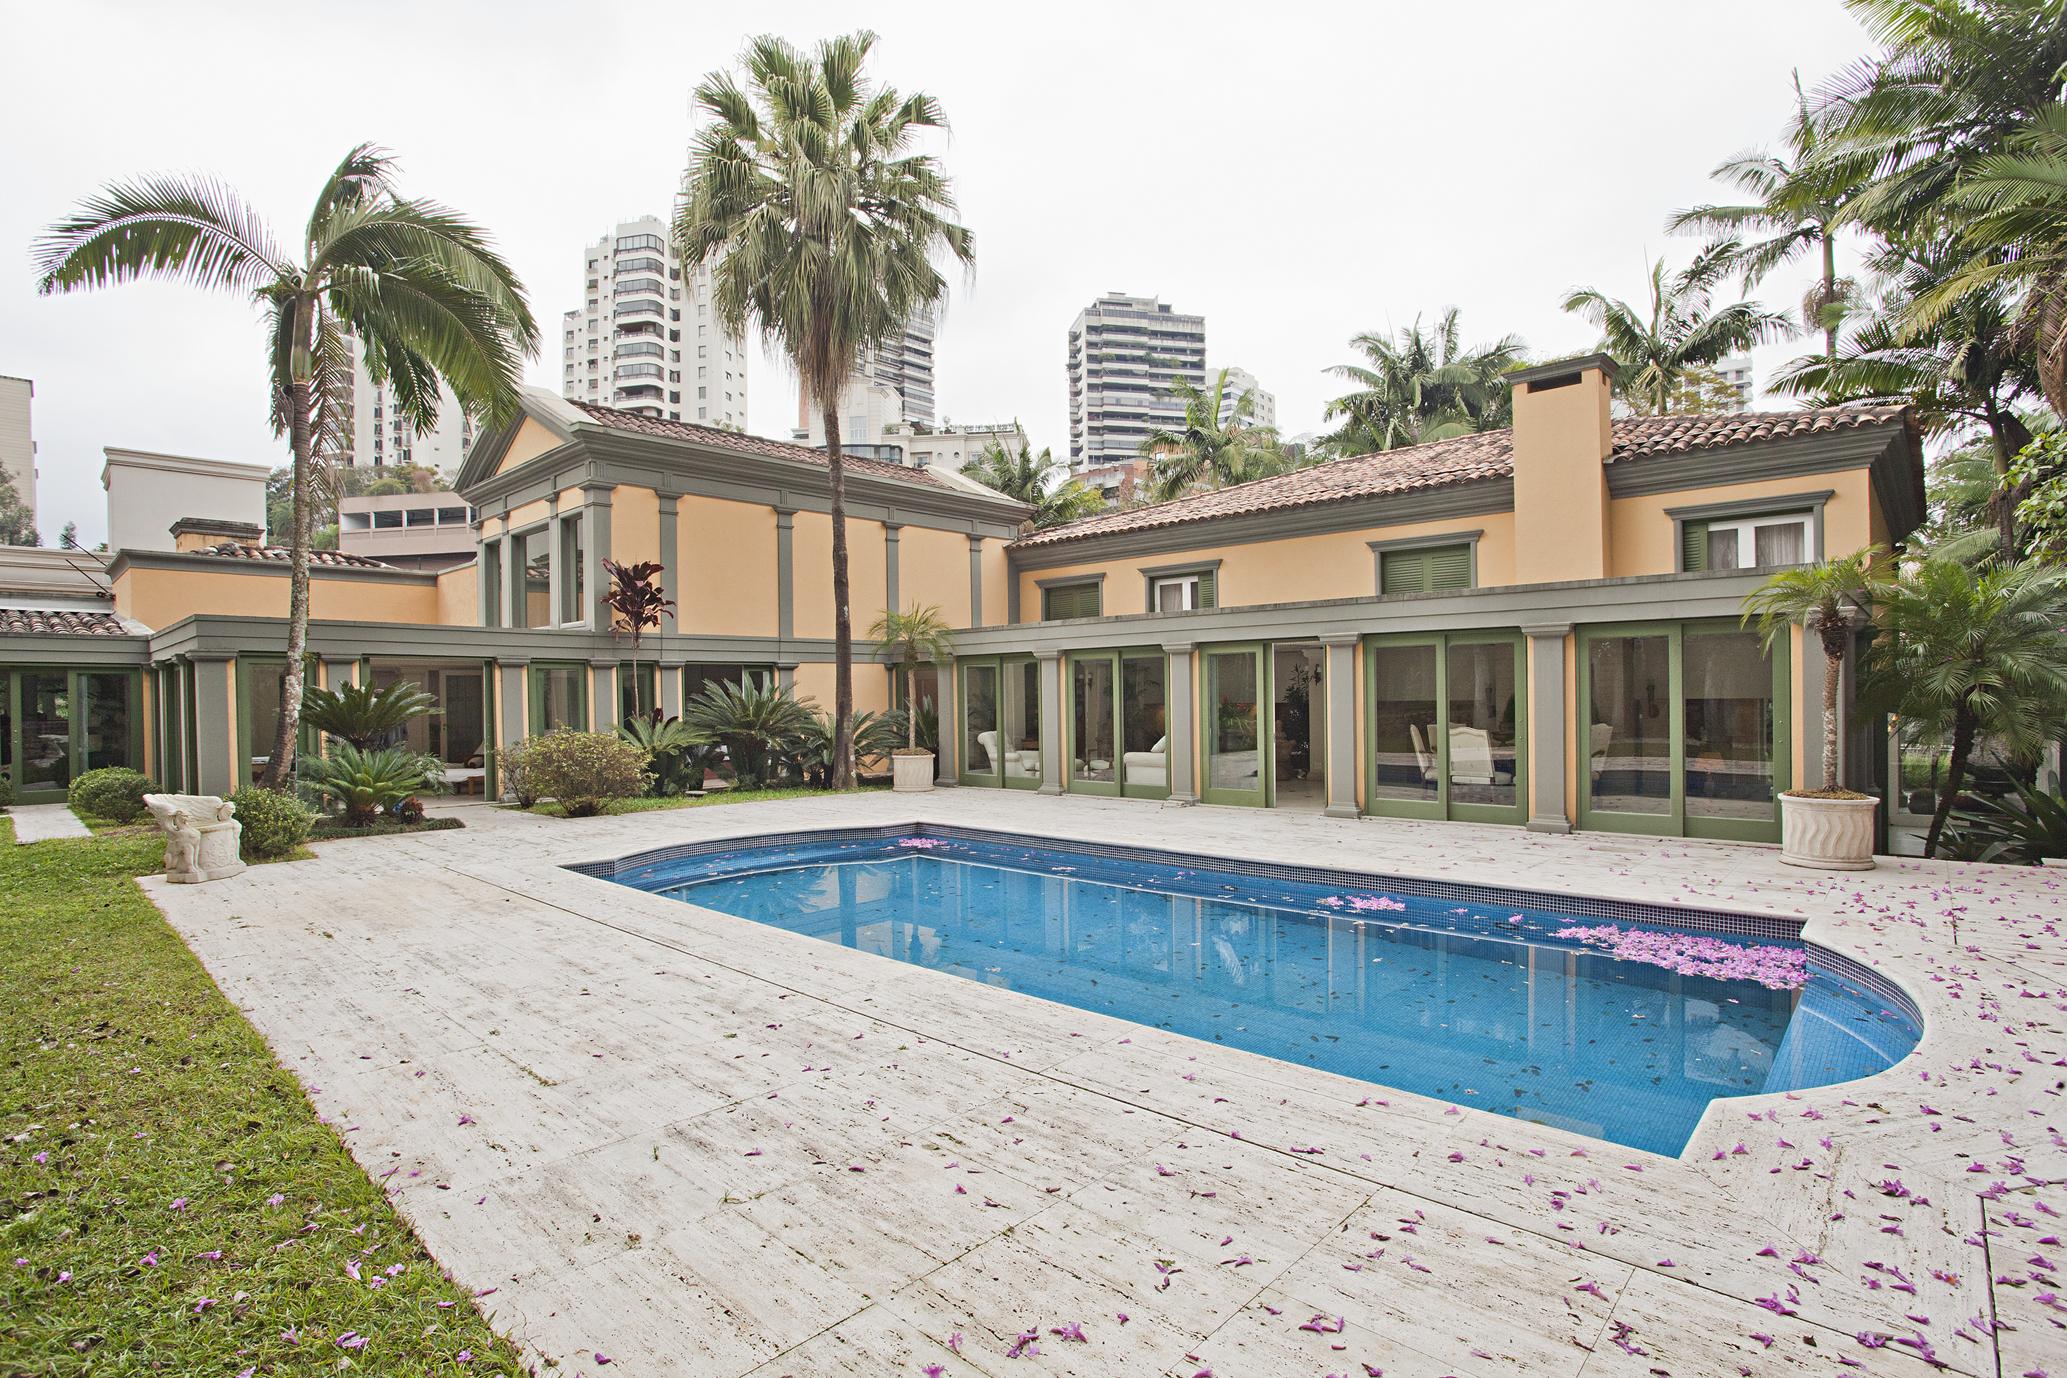 단독 가정 주택 용 매매 에 Royal Park Home Rua Joaquim Cândido de Azevedo Marques Sao Paulo, 상파울로, 05688020 브라질